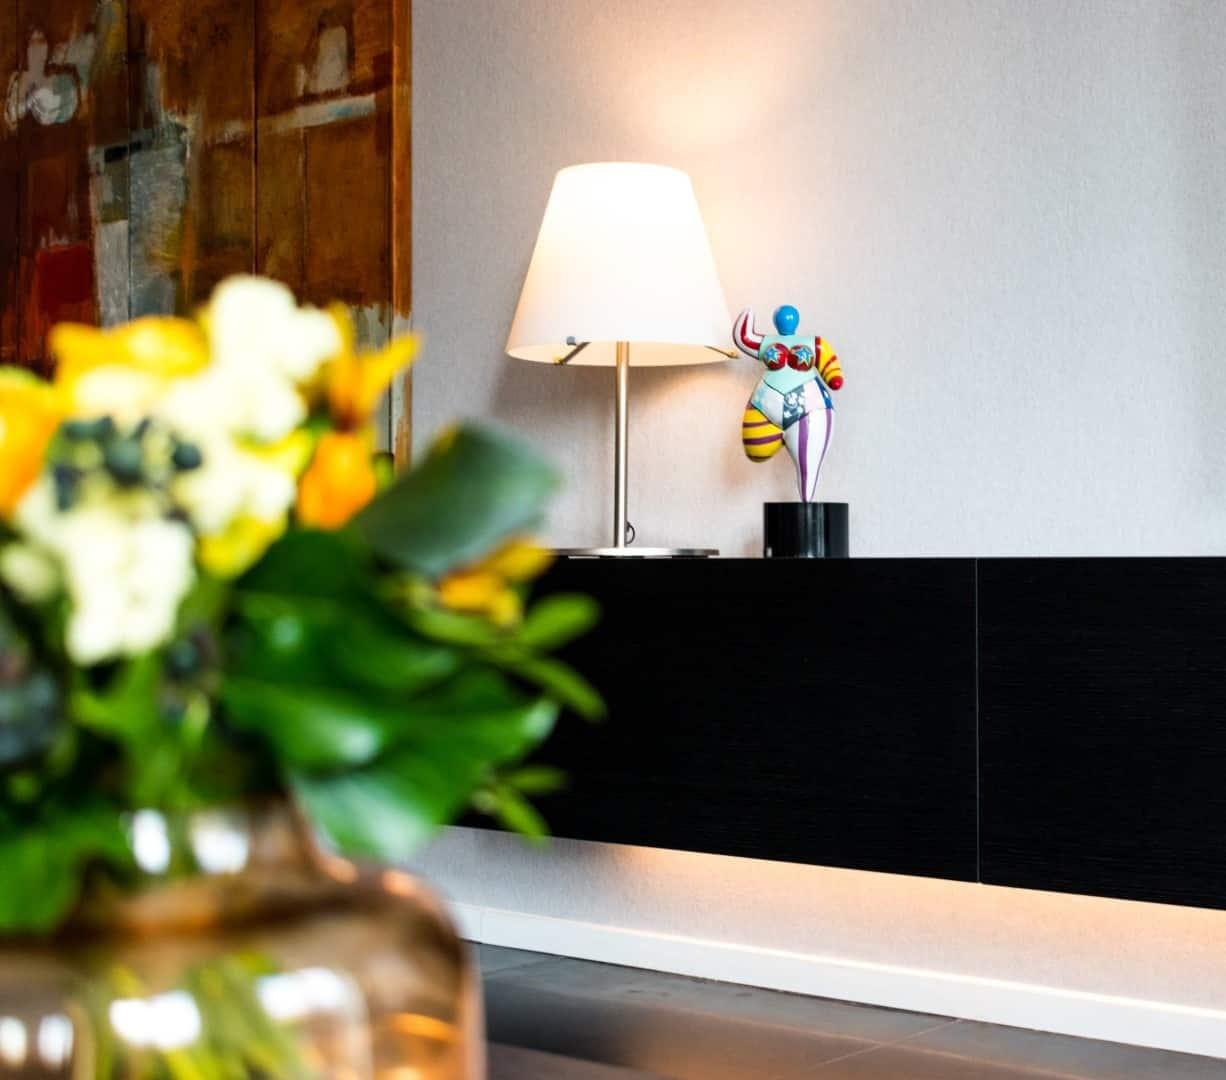 kasten hangend tv meubel | hout en vorm